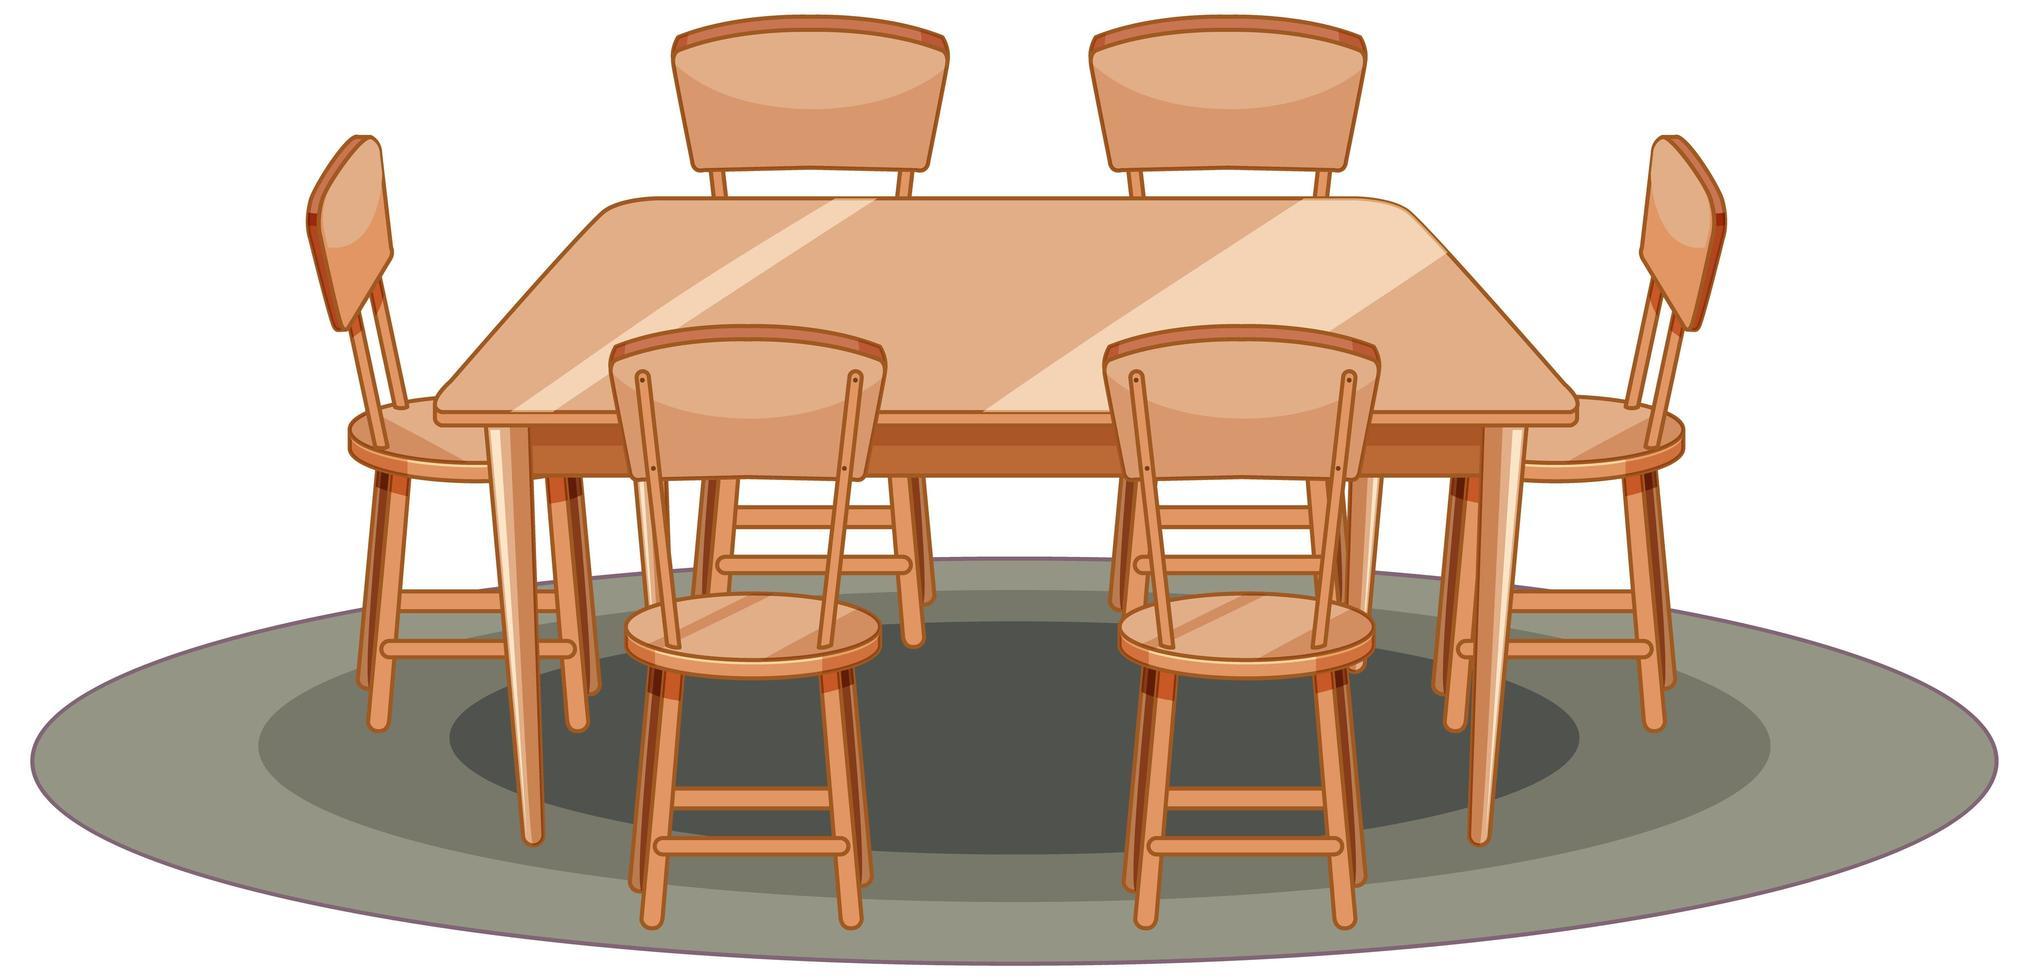 mesa de madera y silla estilo de dibujos animados vector